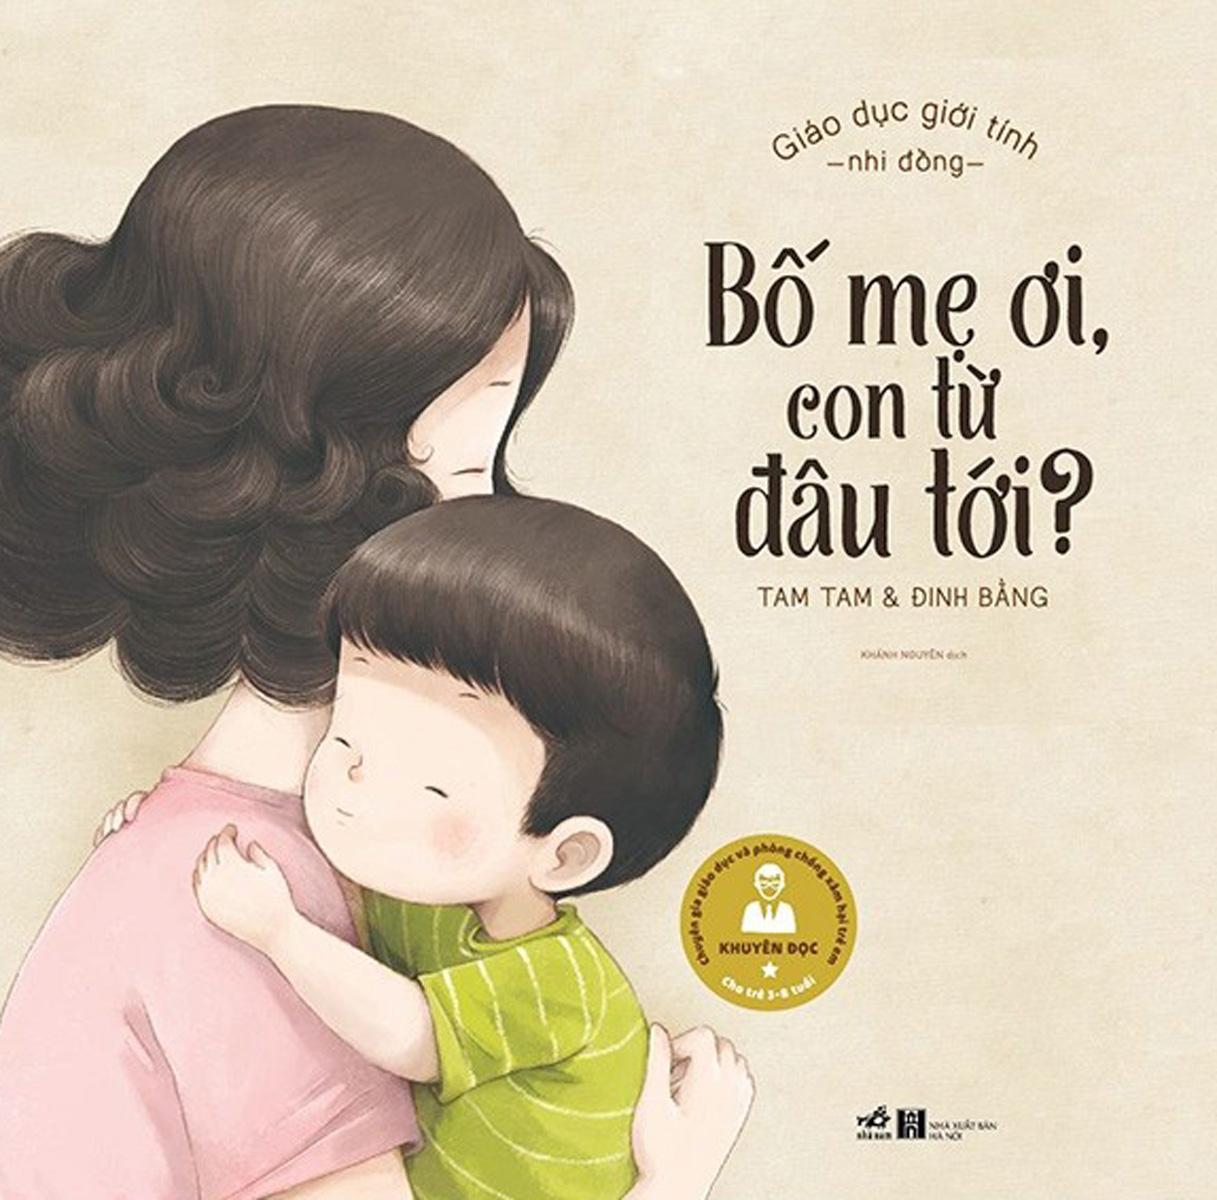 Giáo Dục Giới Tính Nhi Đồng - Bố Mẹ Ơi, Con Từ Đâu Tới